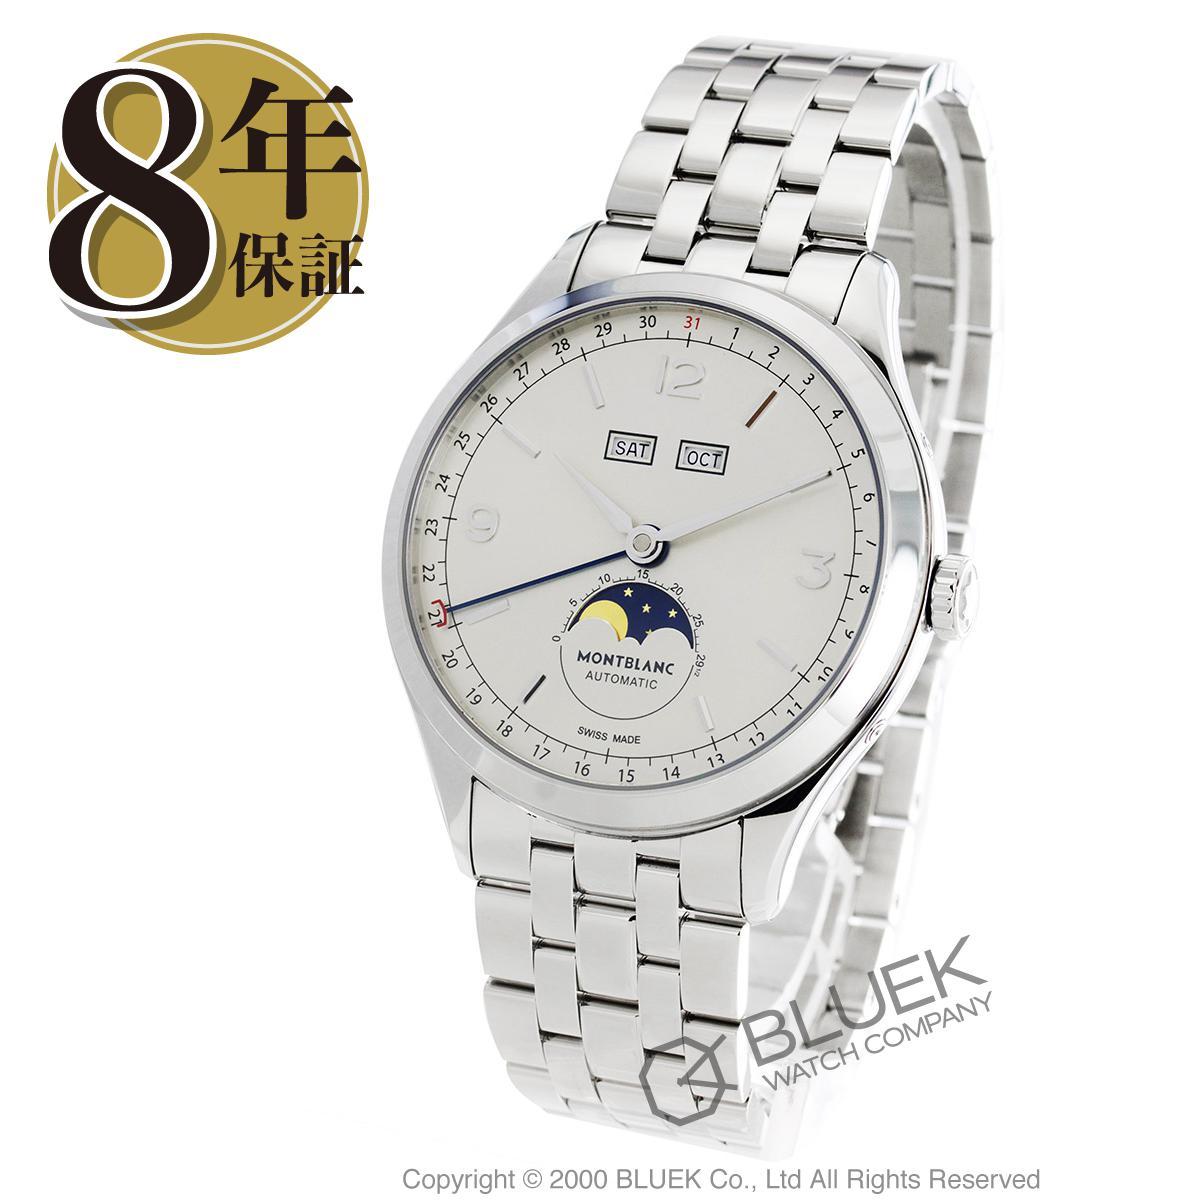 モンブラン ヘリテイジ クロノメトリー カンティエーム コンプリート ムーンフェイズ 腕時計 メンズ MONTBLANC 112647_8